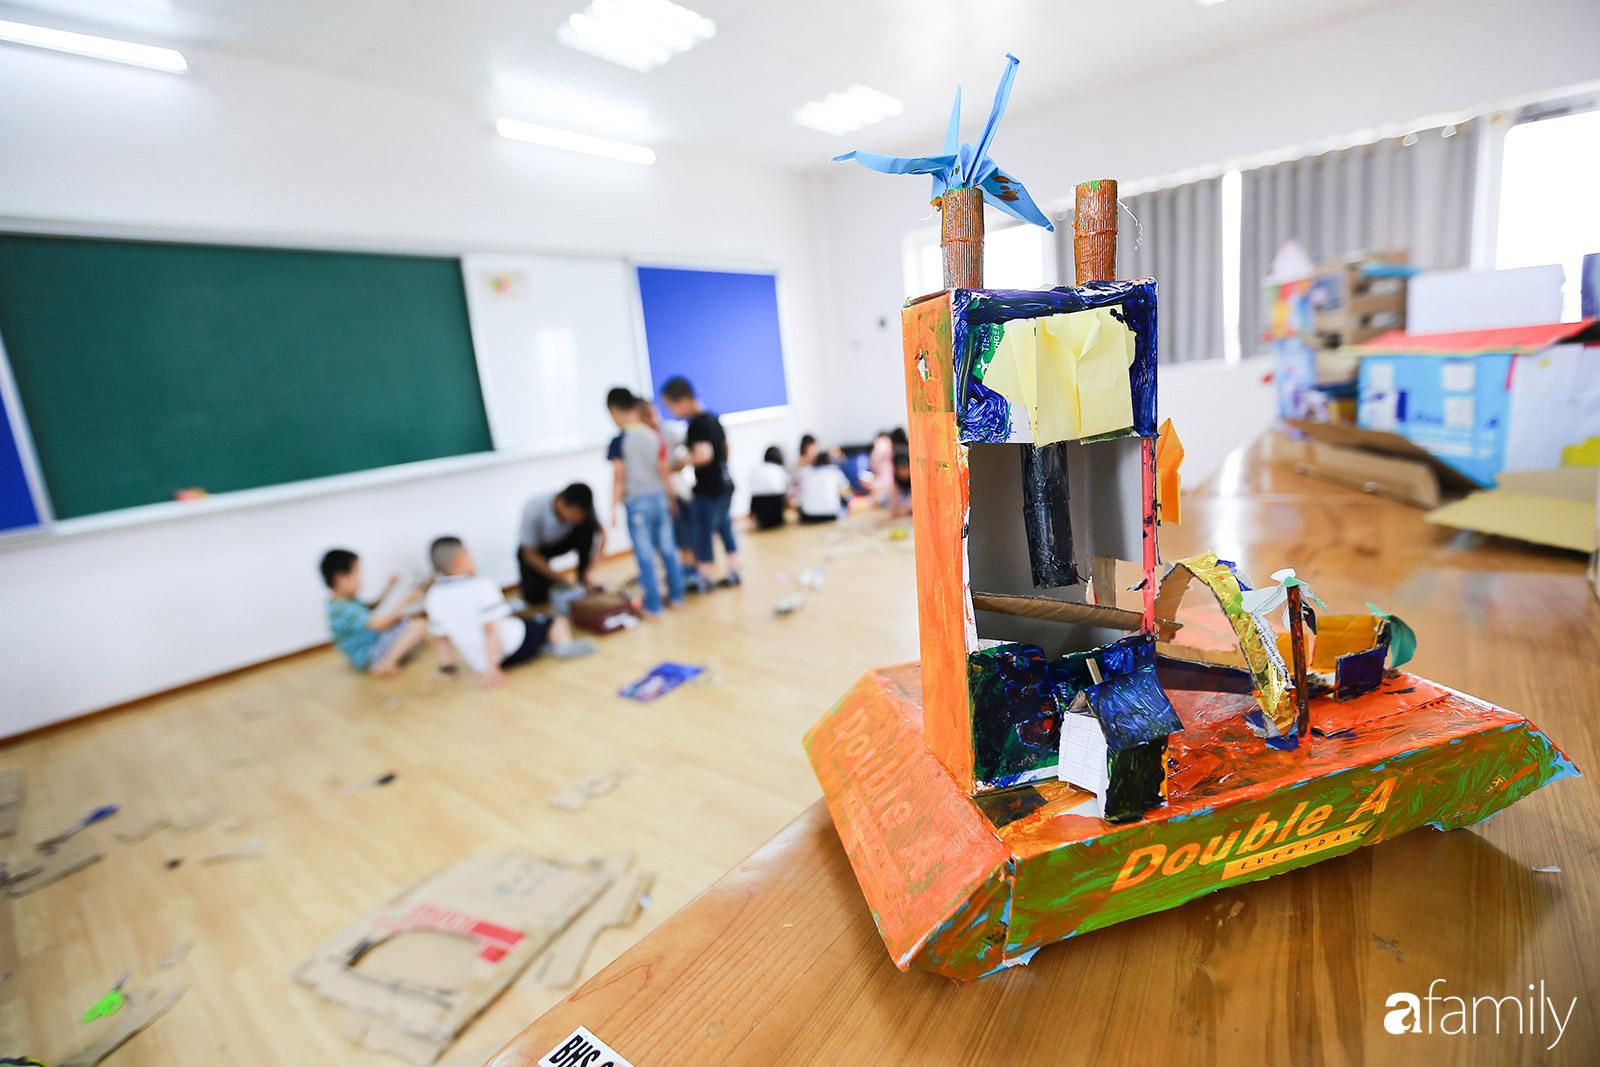 Đi học để tìm ra hạnh phúc - Điều đã đốn tim tôi khi đến thăm một ngôi trường chuẩn Nhật tại Hà Nội - Ảnh 11.